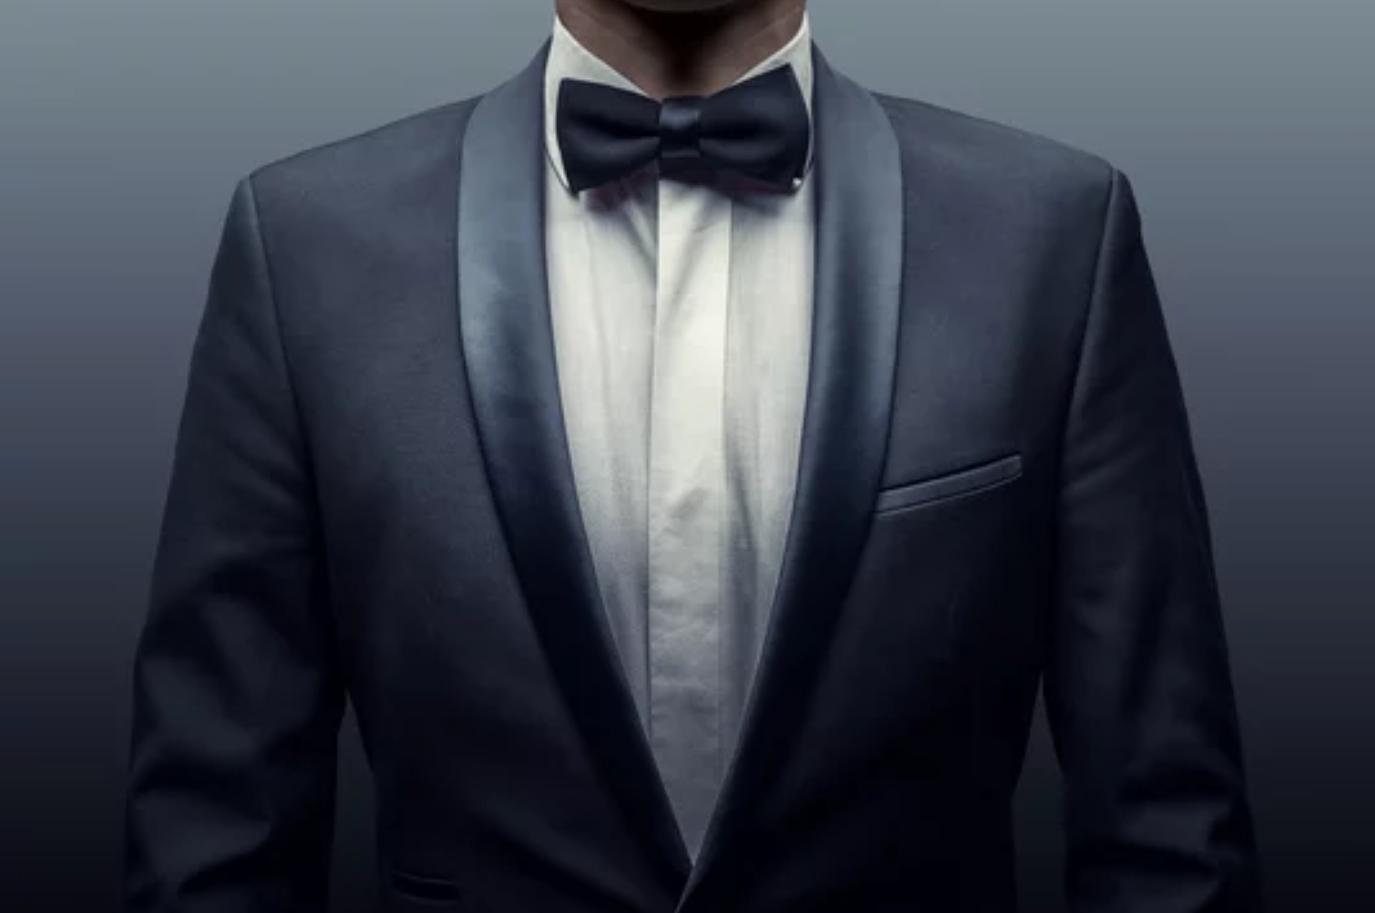 보타이 남자의 나비넥타이 디자인은 다양하니까 꼭 확인해봐요